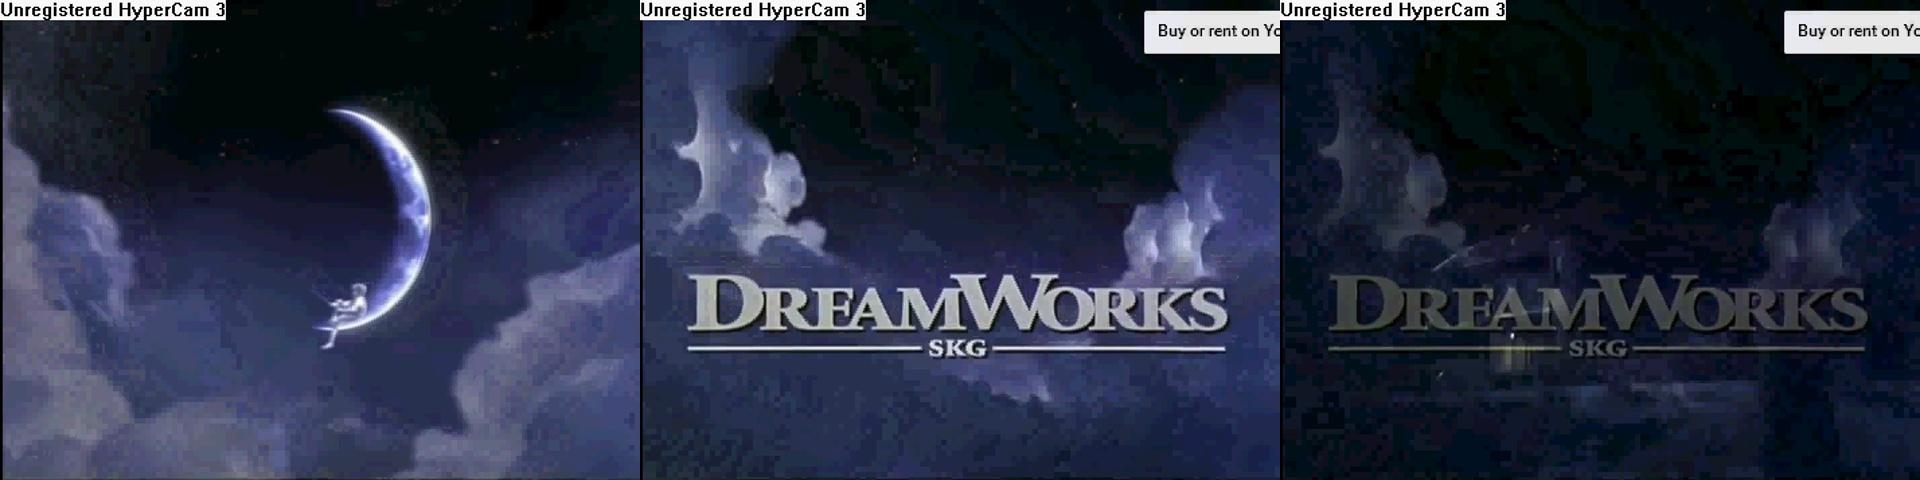 image dreamworks skg logo rare trailer variant jpg logopedia